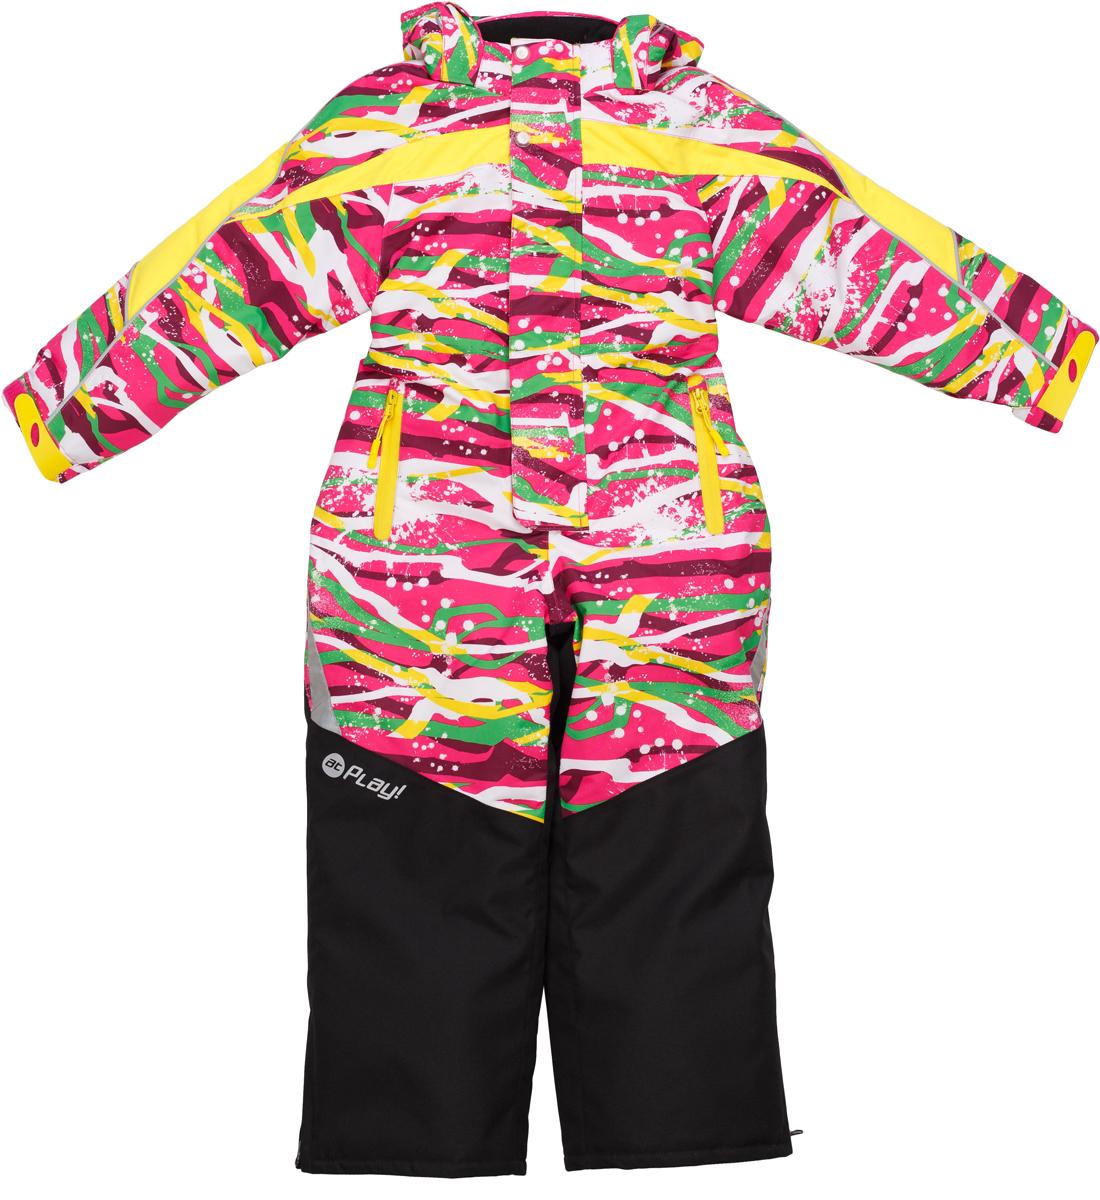 Комбинезон для девочки atPlay!, цвет: розовый. 1ov722. Размер 1161ov722Зимний комбинезон для девочки от atPlay! — идеальный выбор и для прогулки в парке, и для и занятий любительским спортом в морозную и ветреную погоду. Мембранная ткань верха с показателями 10000/10000 защитит от мокрого снега и ветра снаружи, при этом прекрасно отведет влагу изнутри и обеспечит дышащие свойства комбинезона. Грязе- и водоотталкивающее покрытие ткани Teflon создаст надежную защиту от мокрого снега и грязи. В качестве утеплителя используется утеплитель премиум класса — Thinsulate. Его уникальные характеристики позволяют сохранять тепло в 3 раза лучше по сравнению с другими видами утеплителей. Комбинезон atPlay! станет отличным вариантом для катания на лыжах, сноуборде и тюбингах, а также пригодится в течение всей зимы в качестве каждодневной одежды.